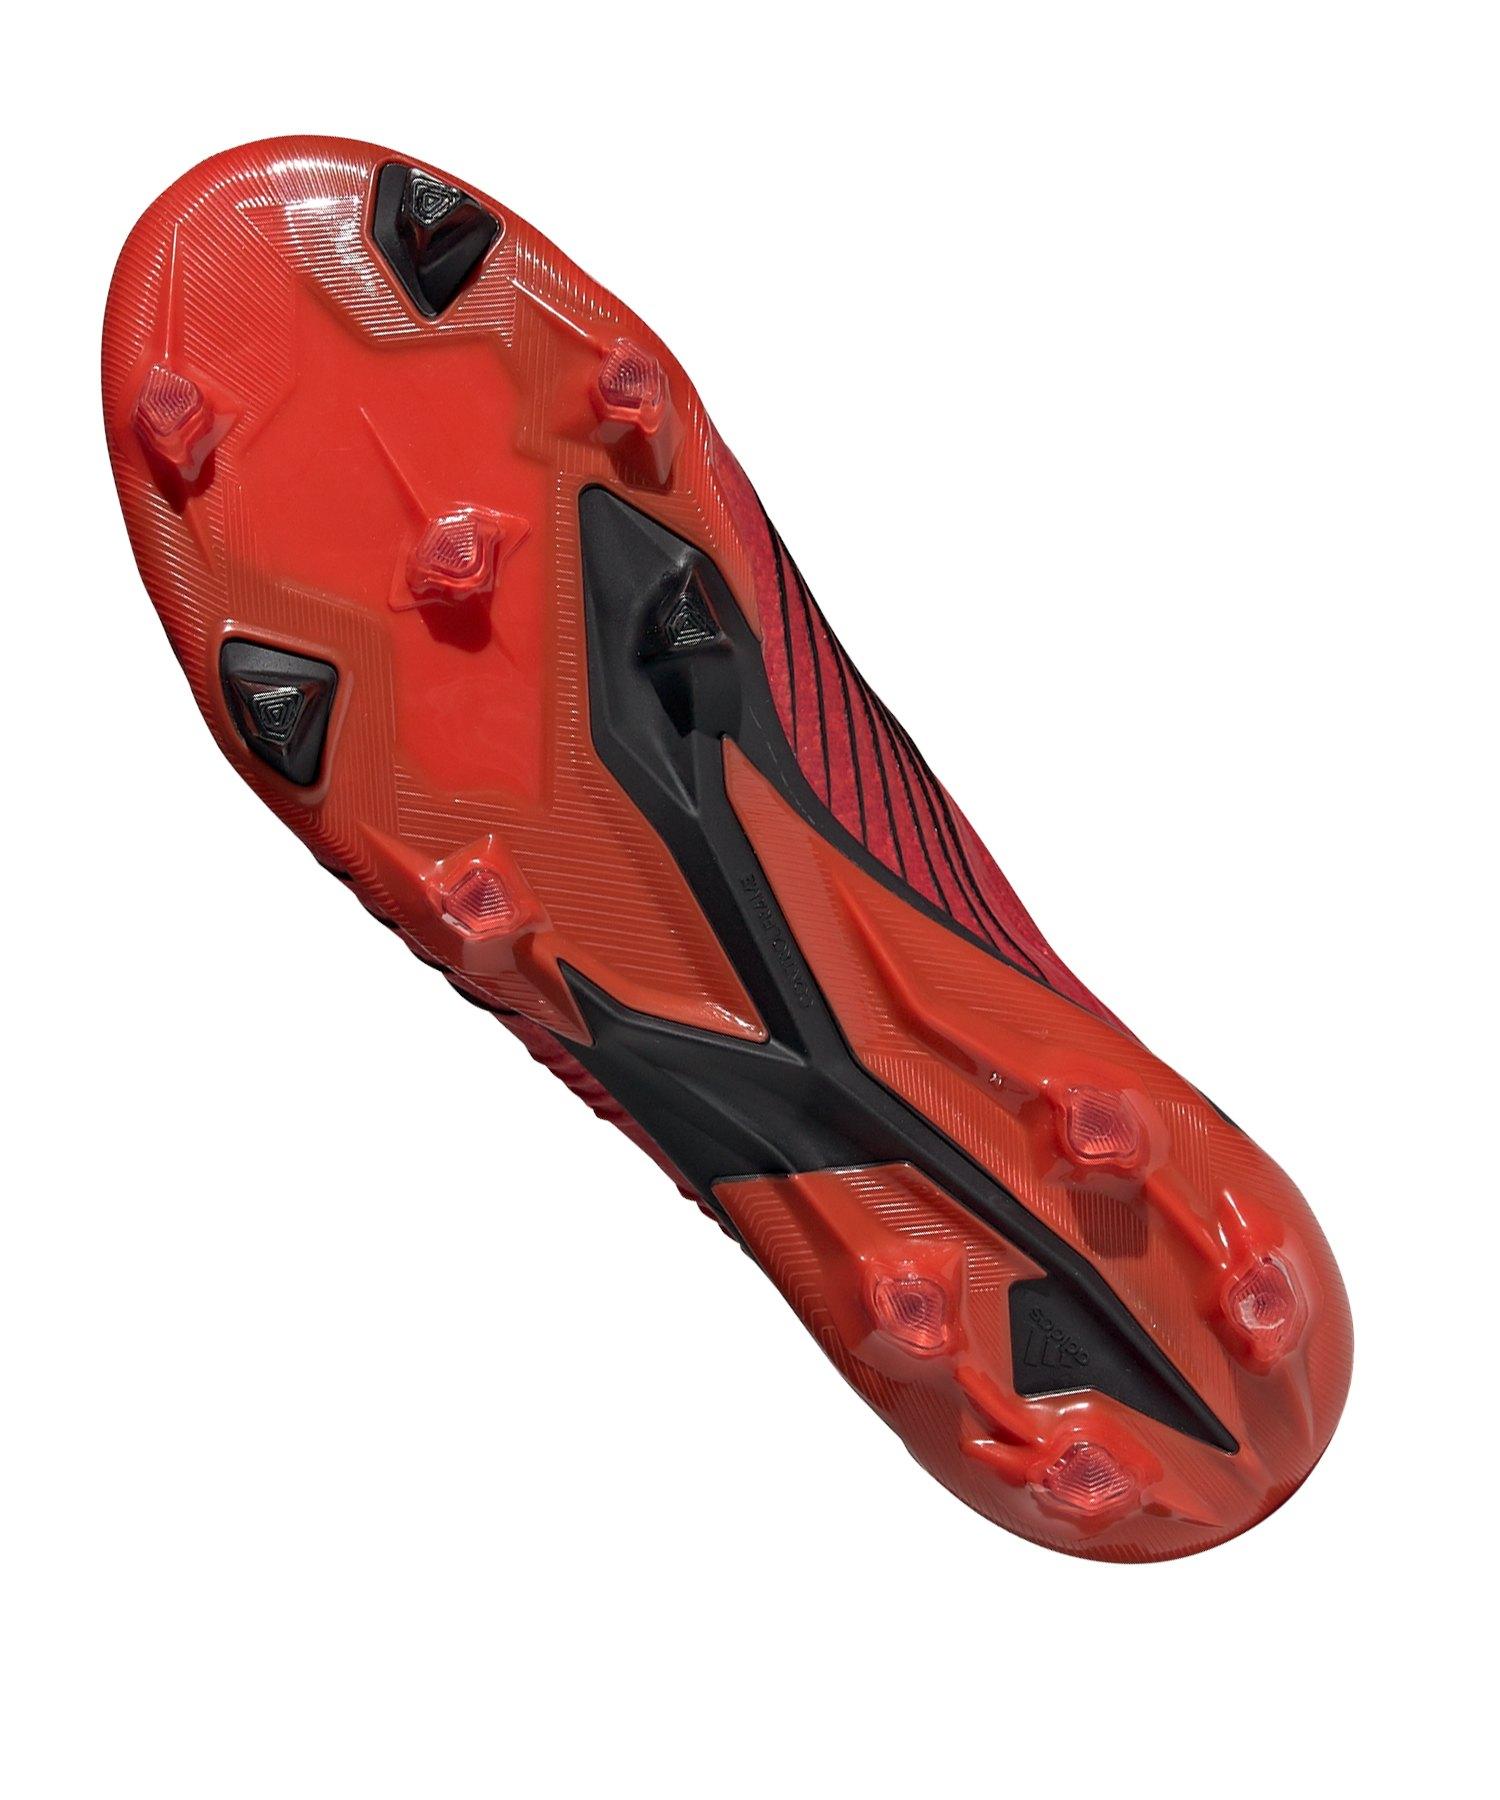 promo code dc8e7 2a5d9 ... adidas Predator 19.1 FG Rot Schwarz - rot ...